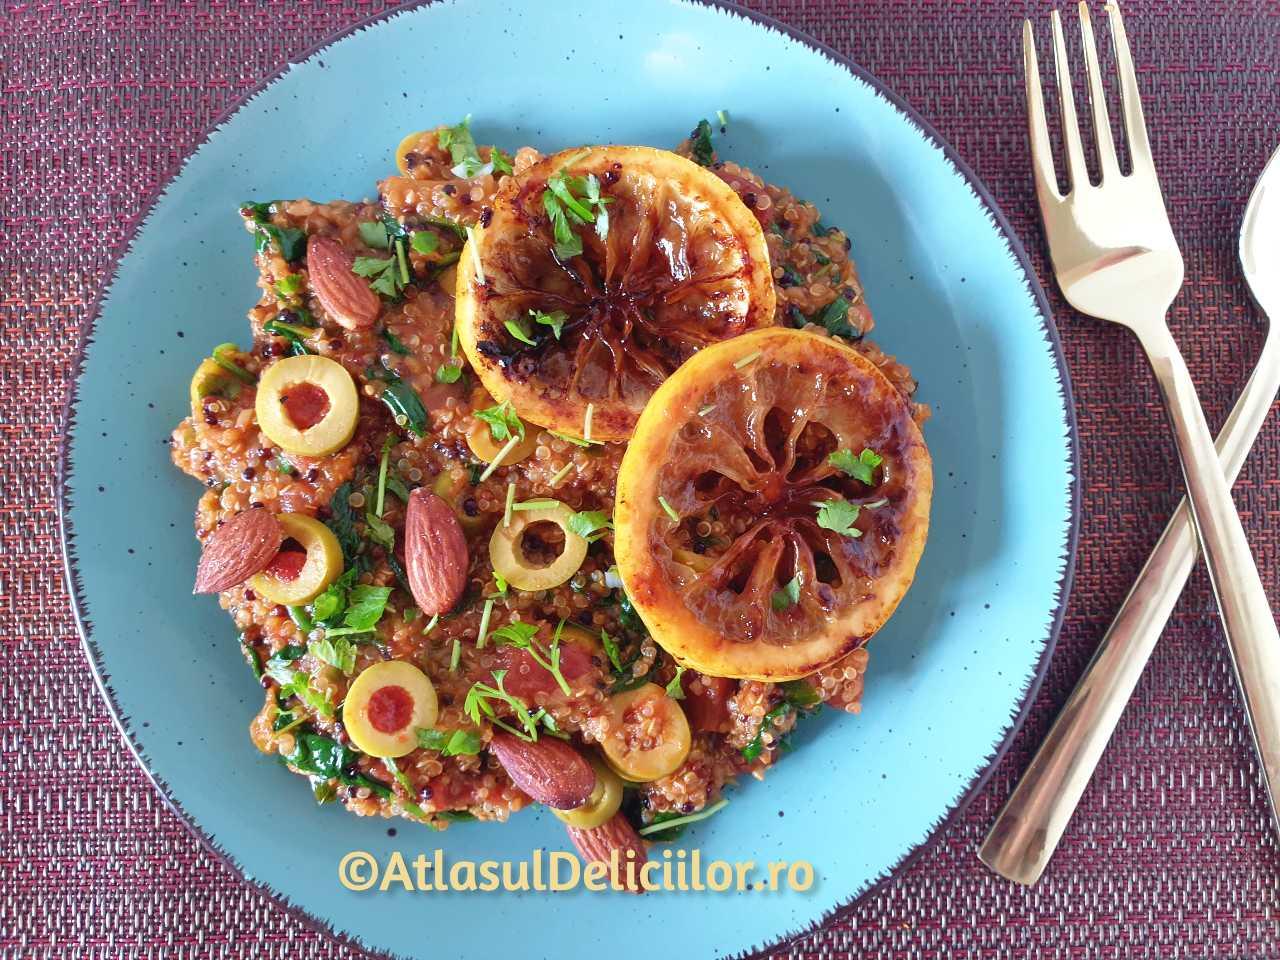 Portie de quinoa cu legume in stil marocan